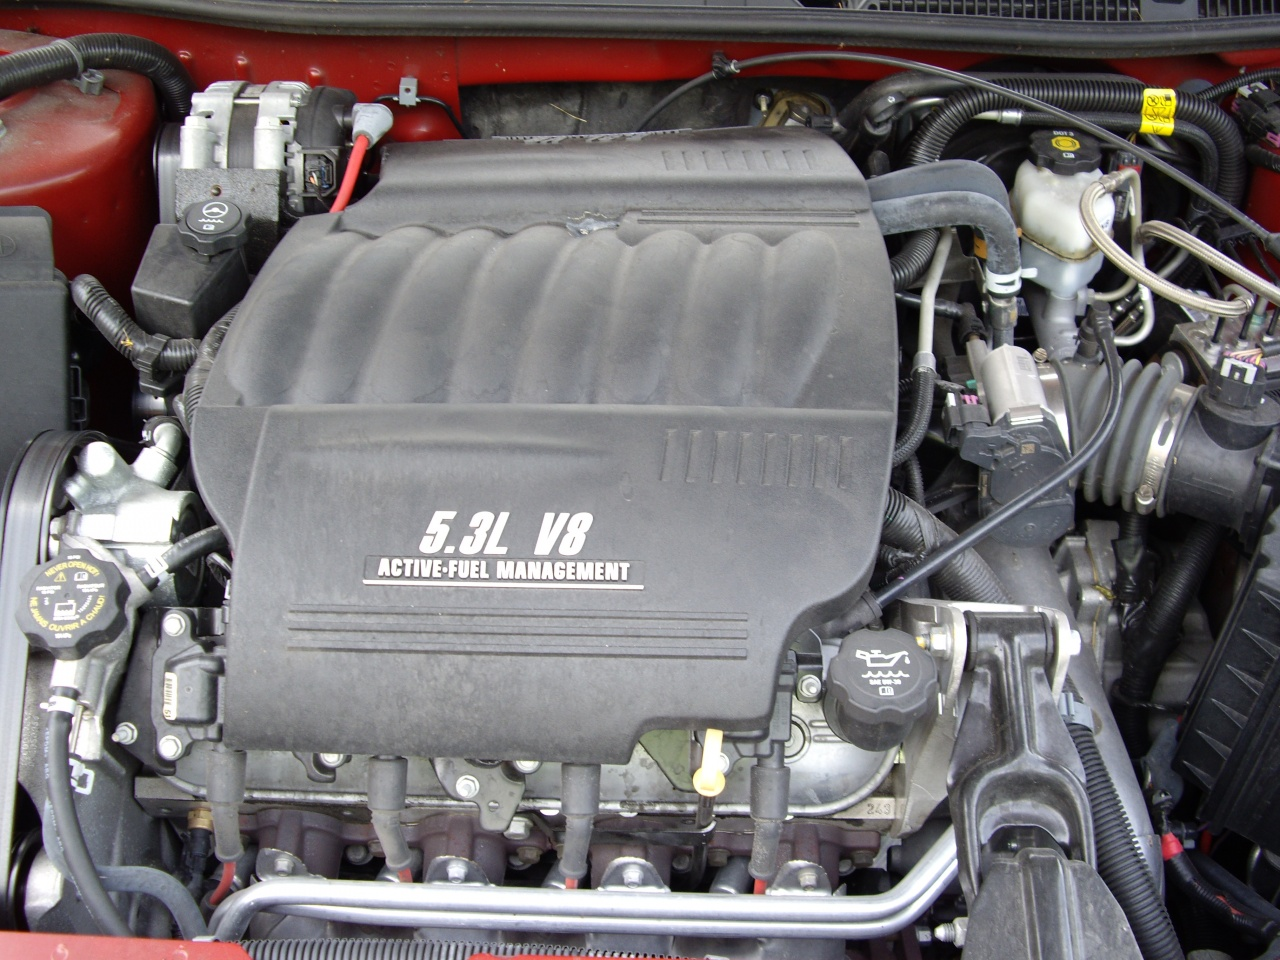 V8 5.3L Vortec / 300hp au top de leurs formes!